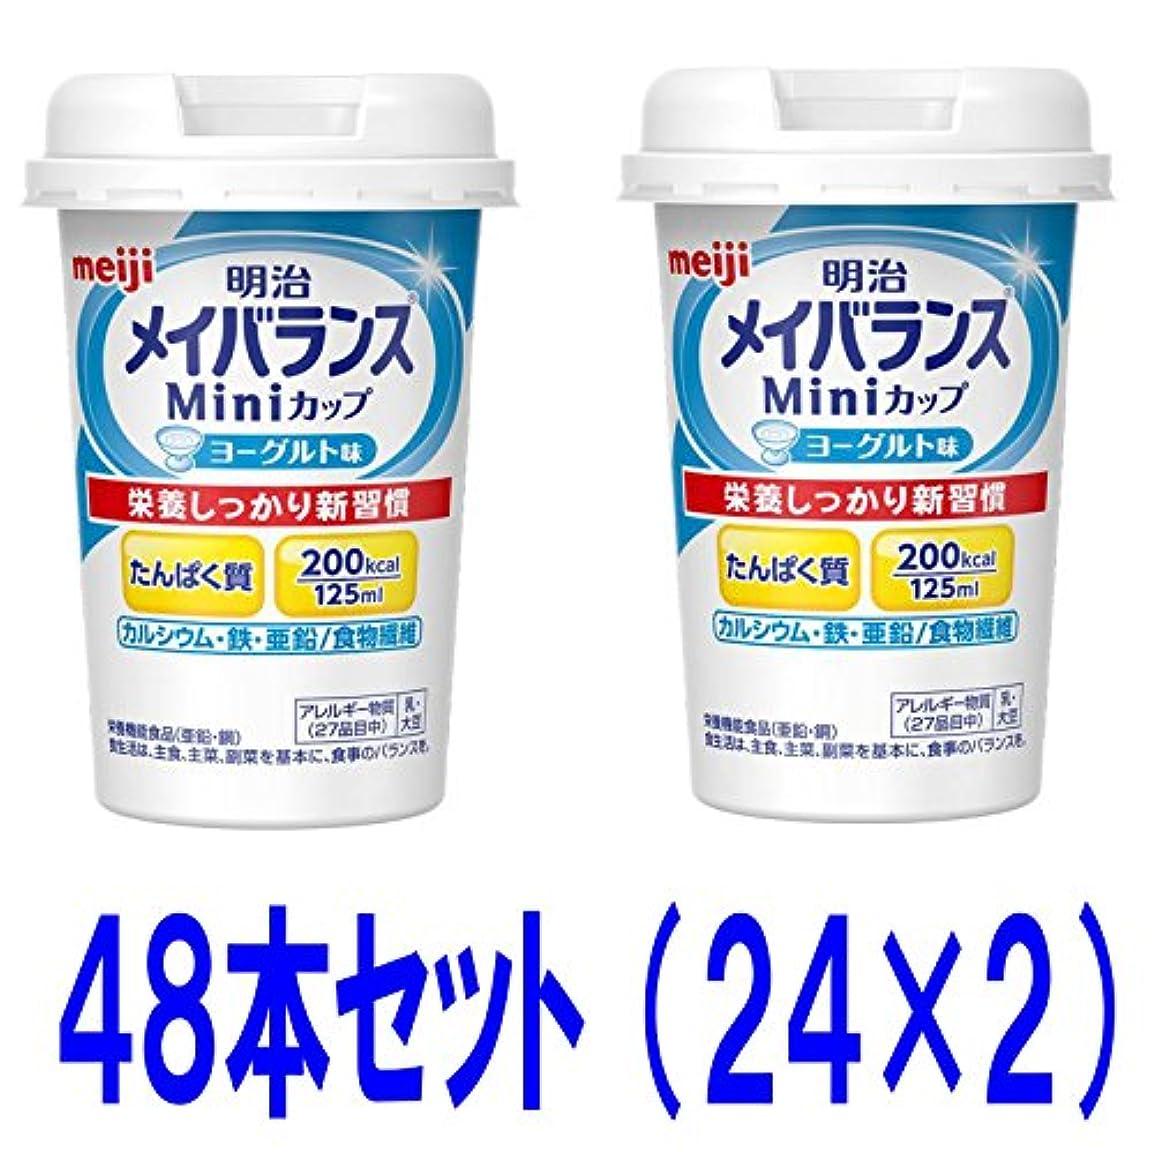 安西発見する詐欺明治メイバランス ミニ カップ mini ヨーグルト味125ml 48個セット(24本×2)